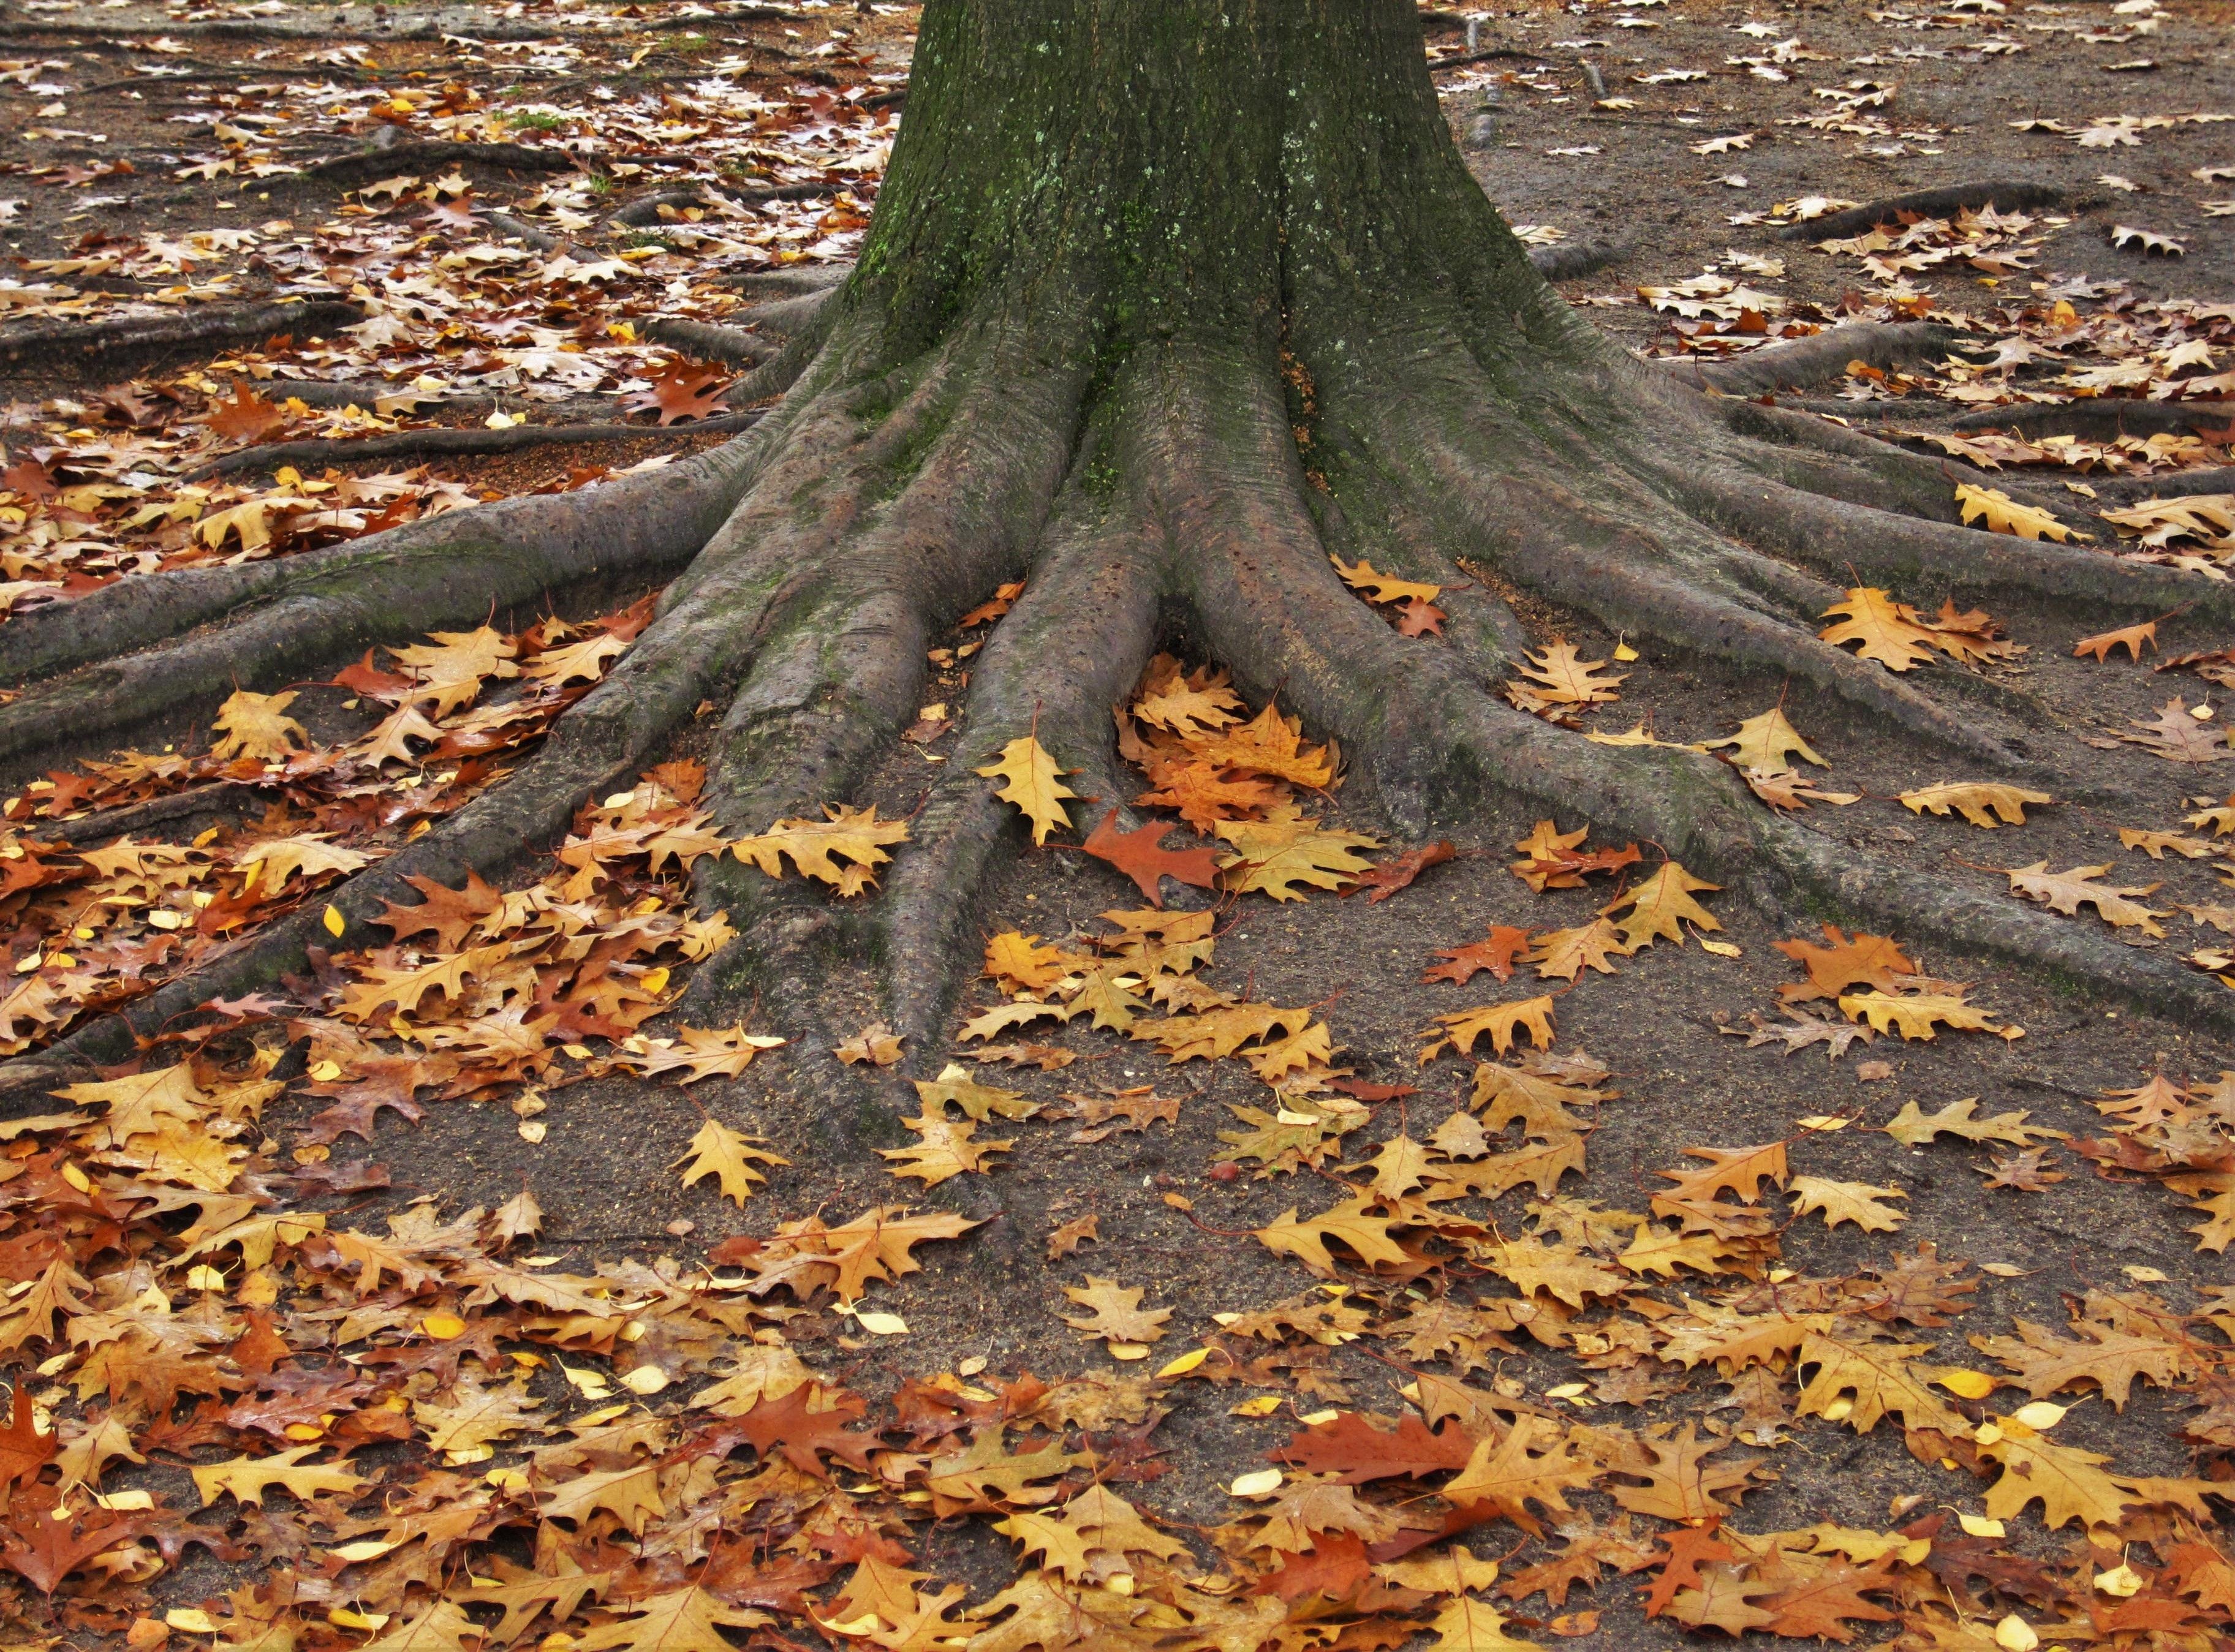 Fotos gratis : naturaleza, bosque, rama, el maletero, Iniciar sesión ...